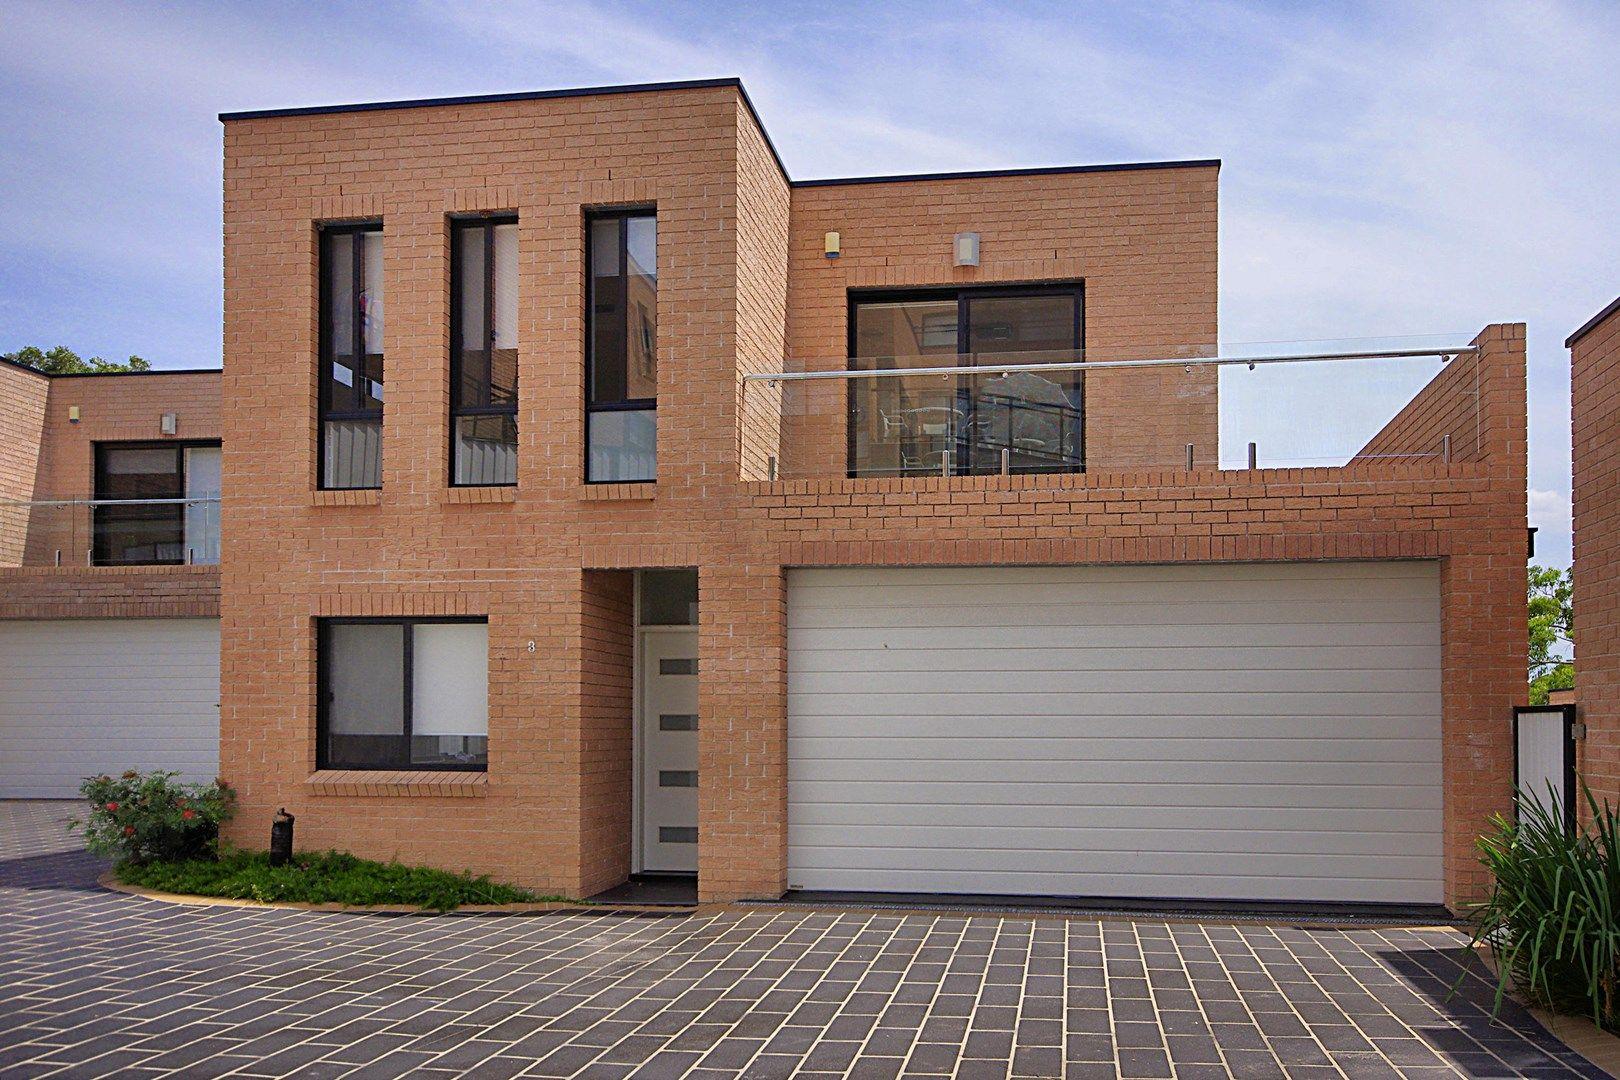 3/8 Charm Place, Peakhurst NSW 2210, Image 0